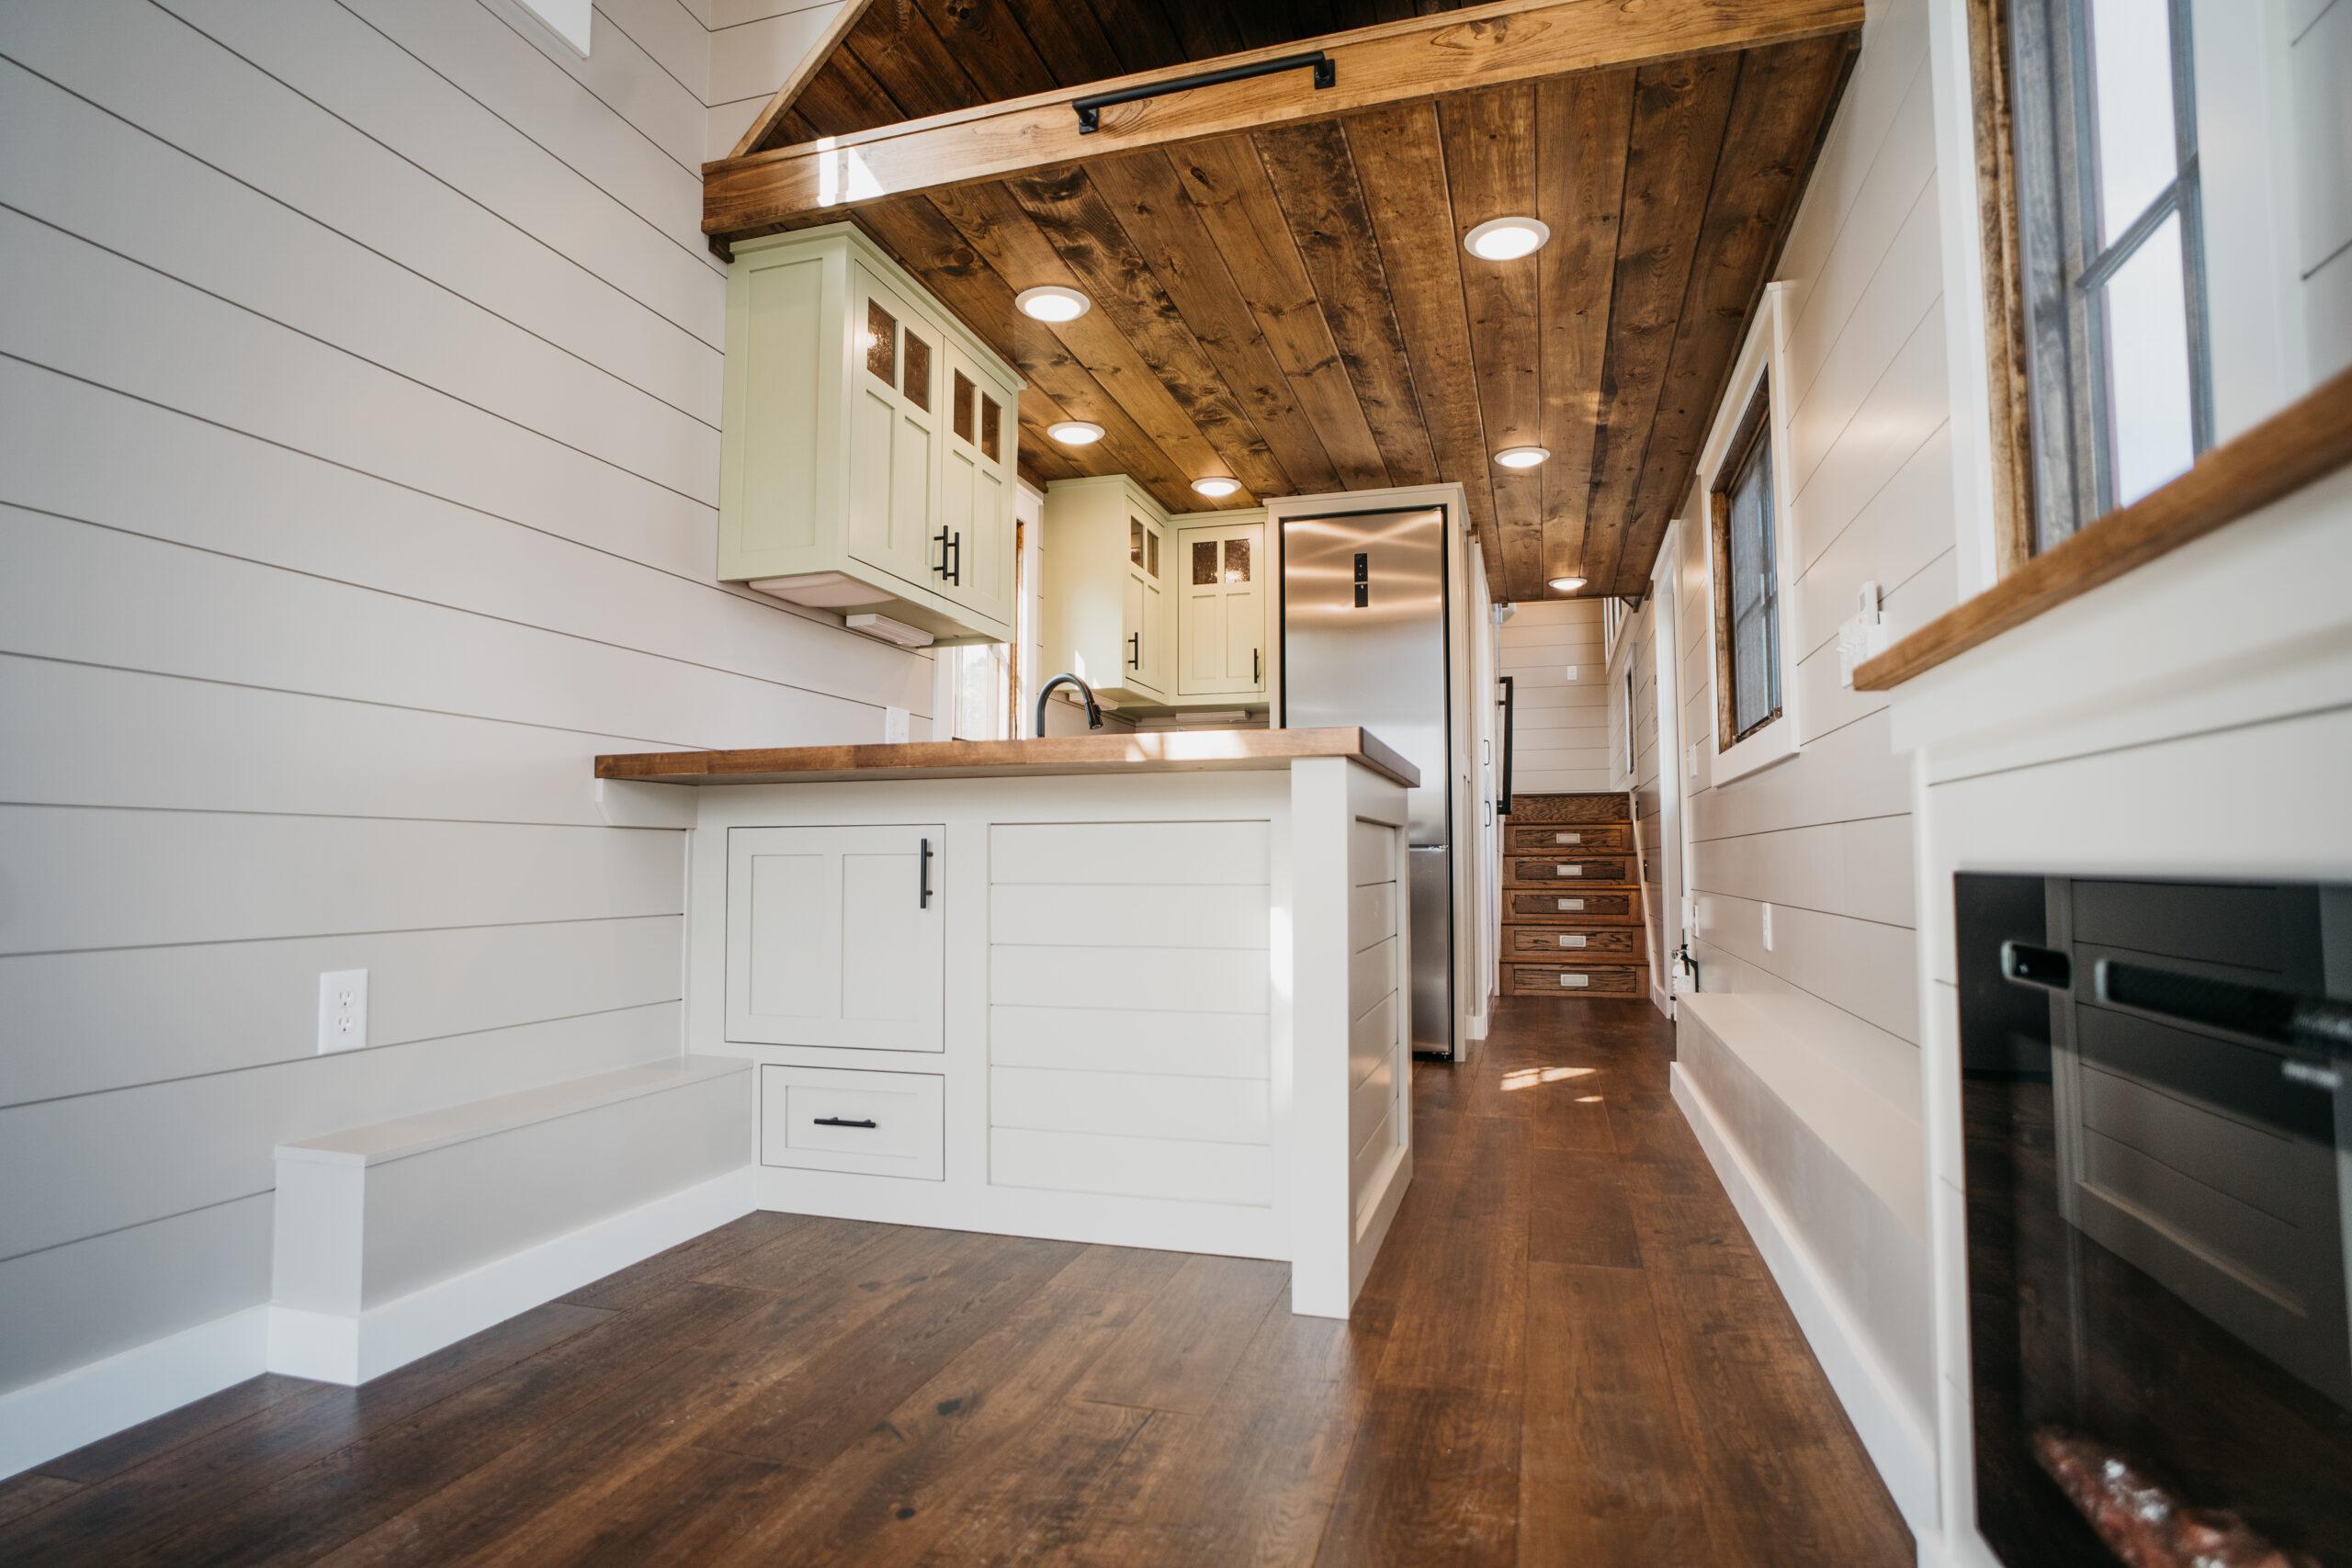 Timbercraft Denali interior